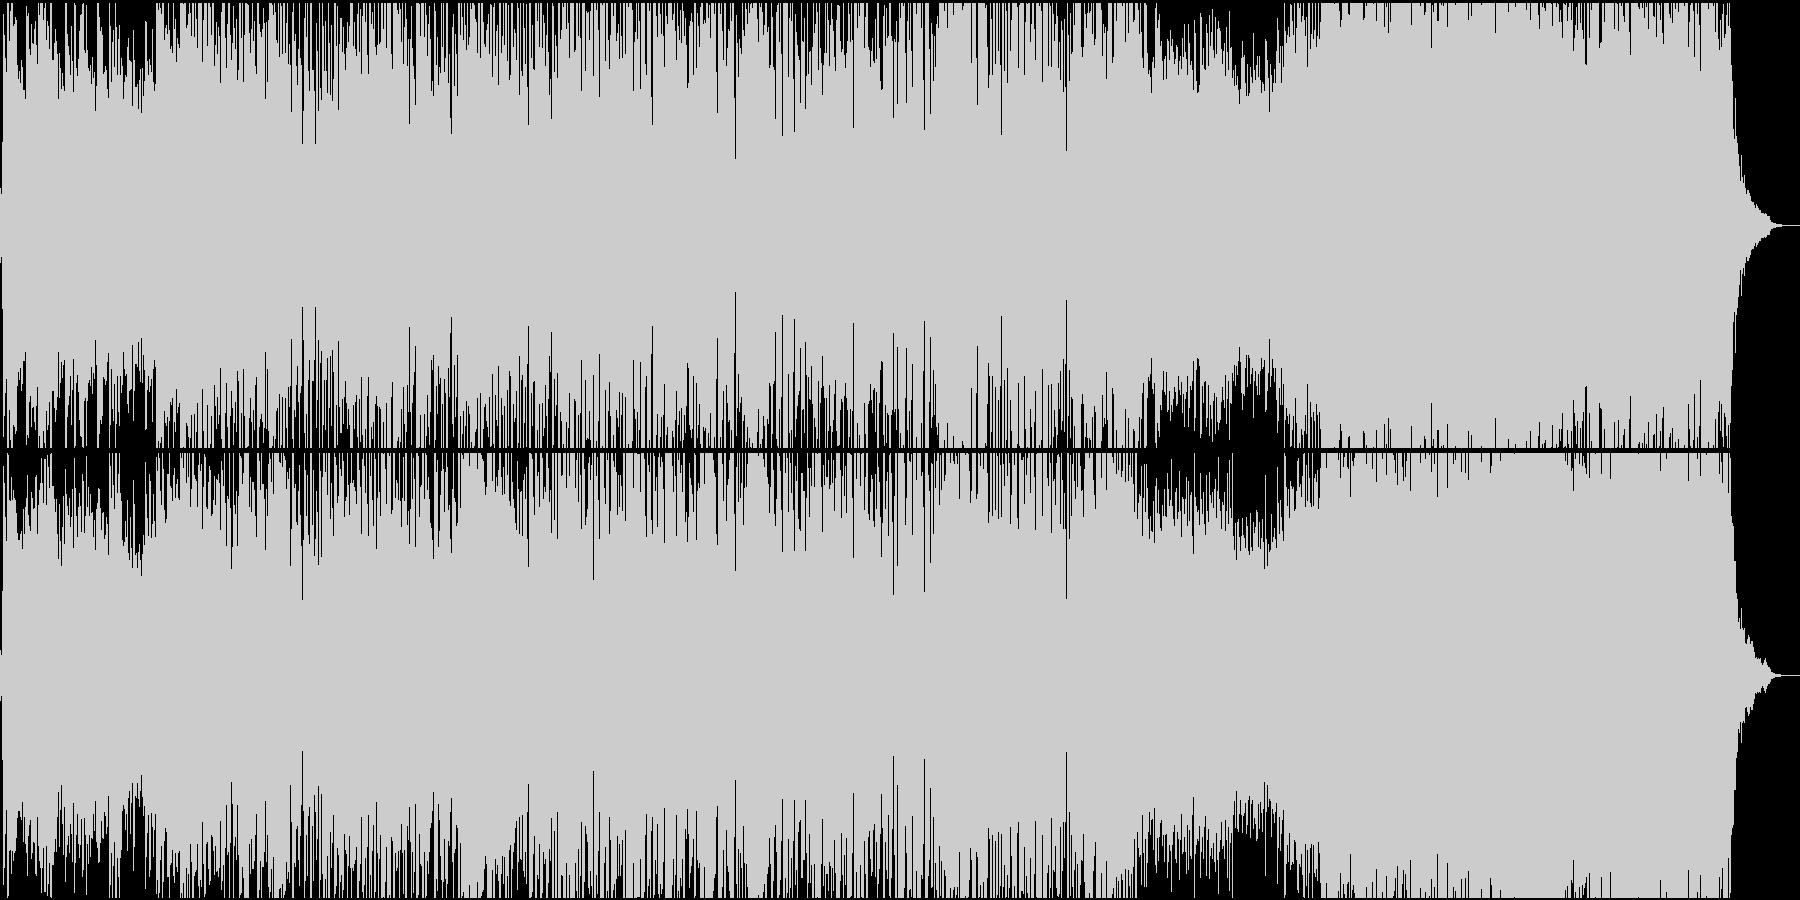 高揚感のある企業VP向けピアノメロディの未再生の波形